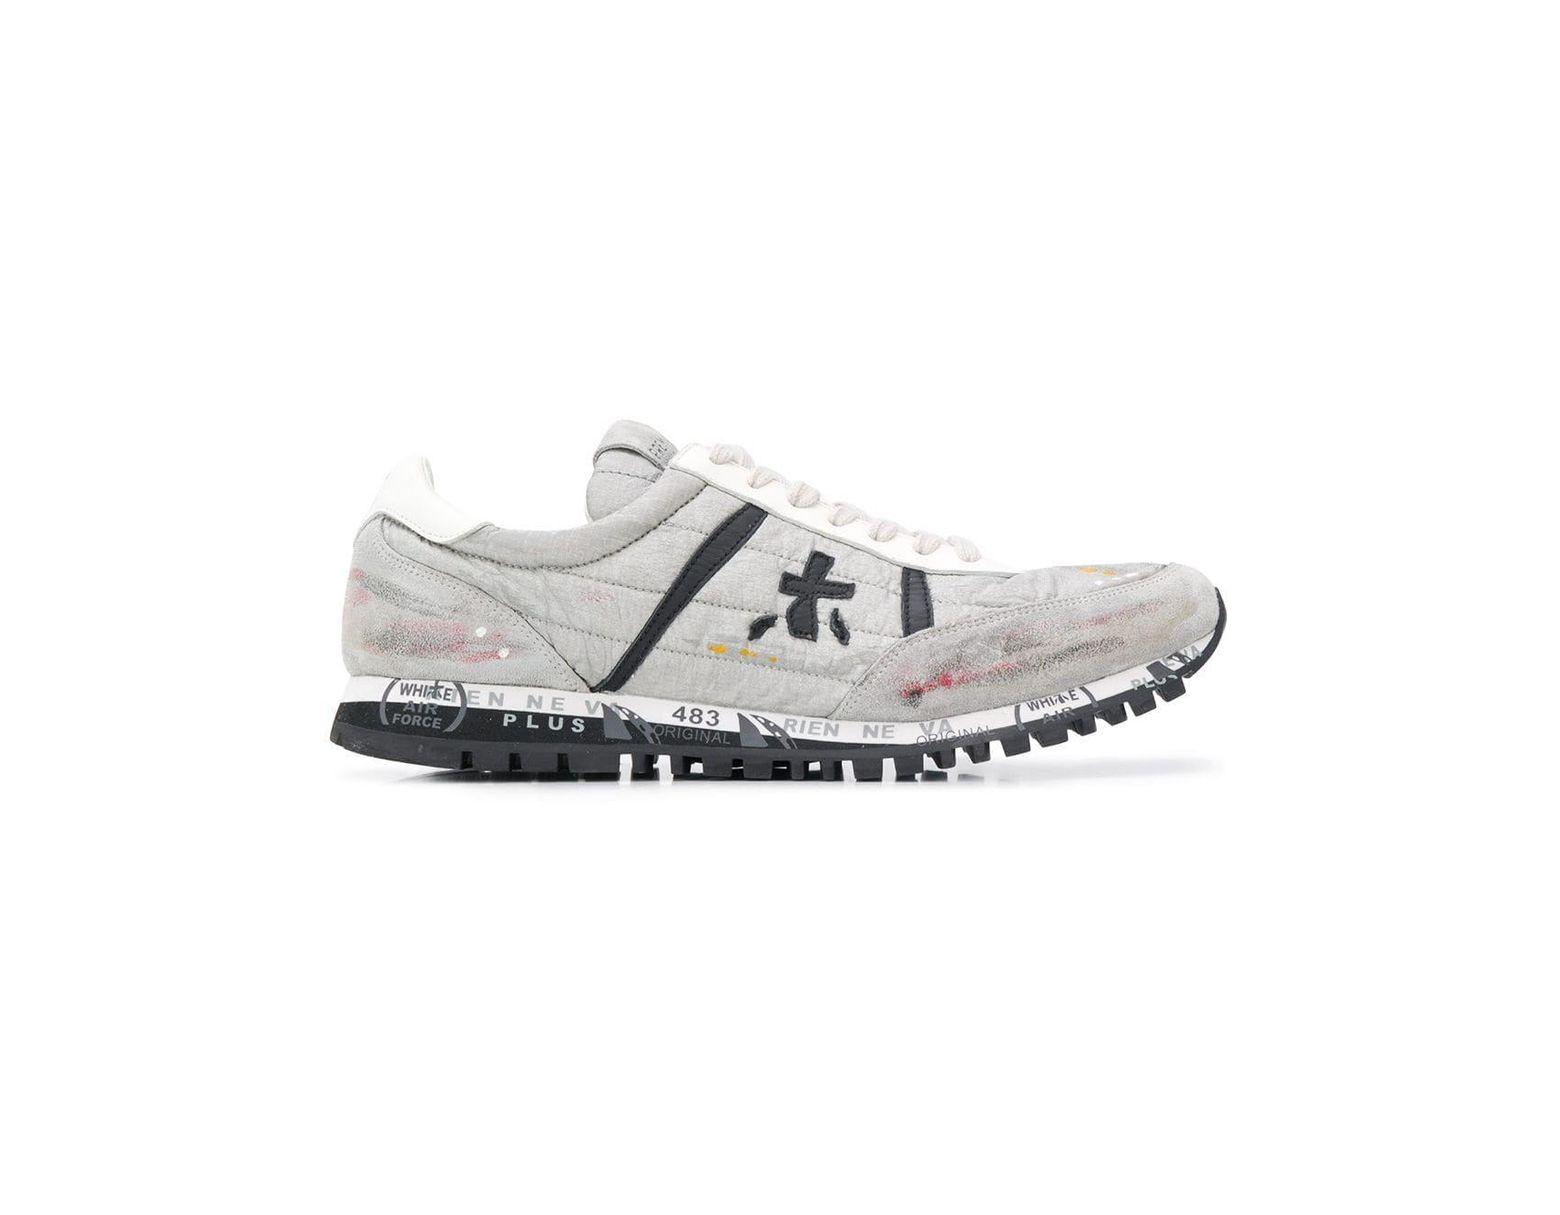 migliori scarpe da ginnastica come scegliere comprare bene Men's Gray Sean Sneakers